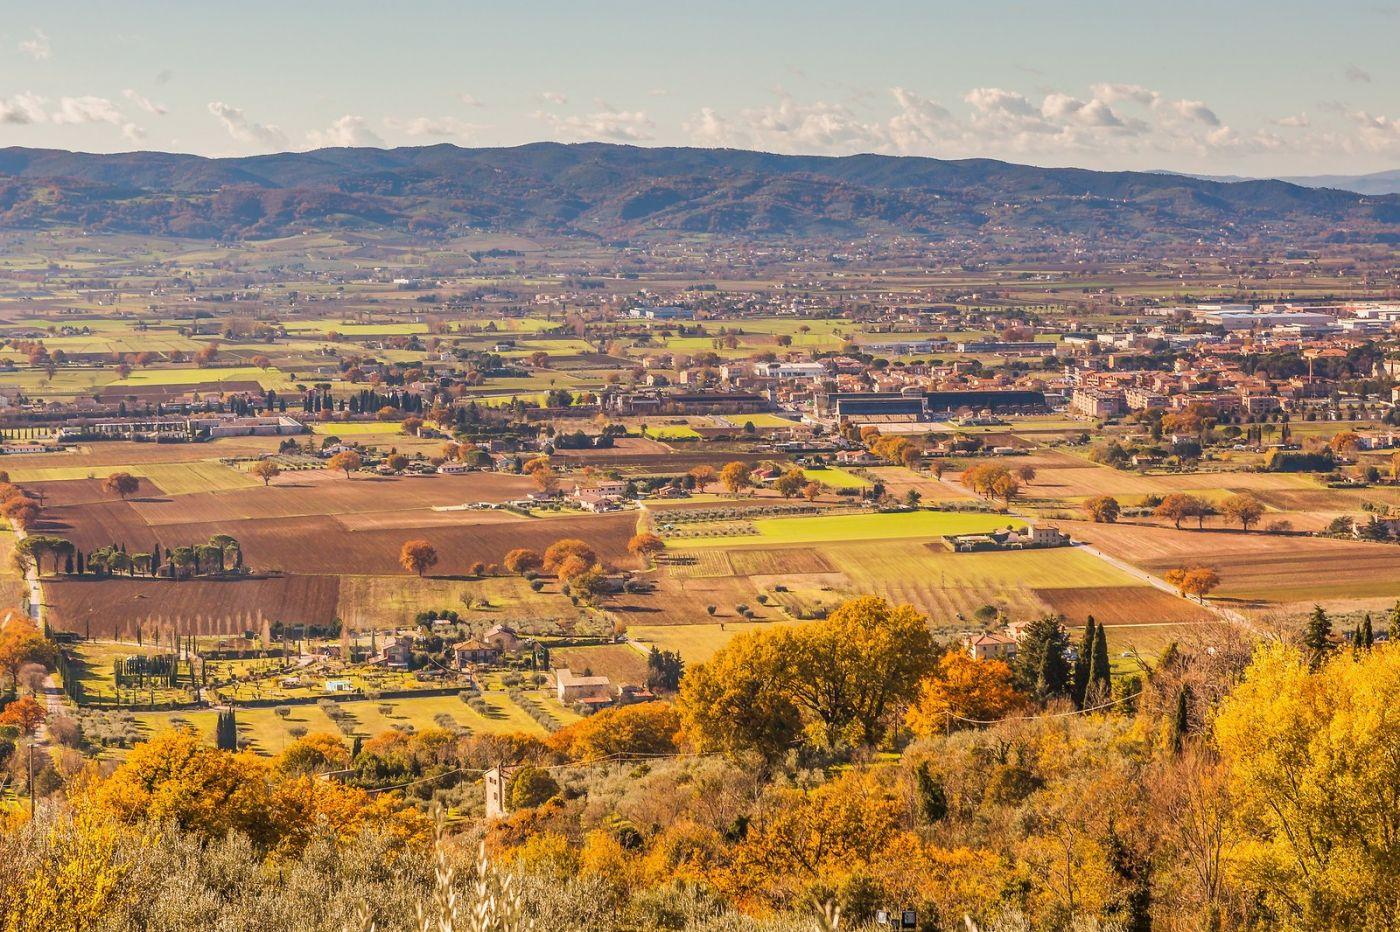 意大利阿西西(Assisi), 登高放眼_图1-18